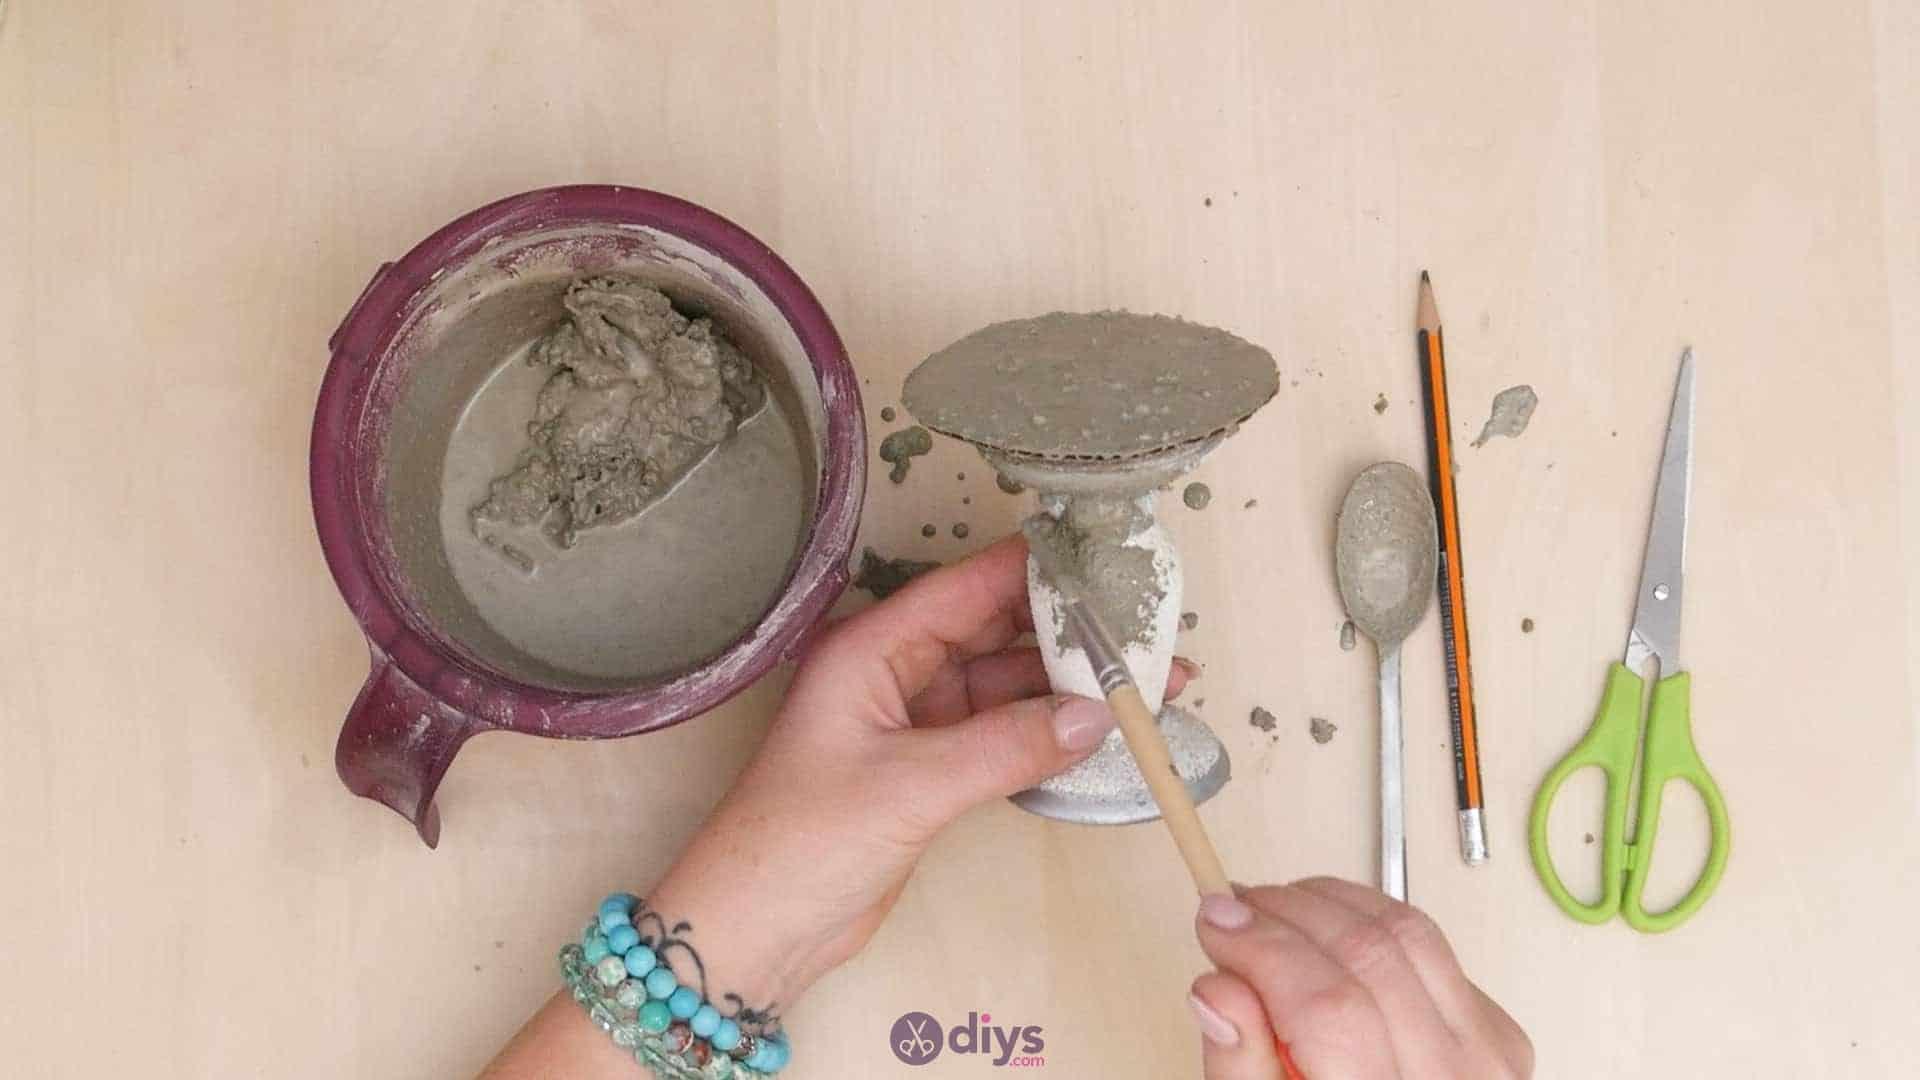 Diy concrete doily stand step 7